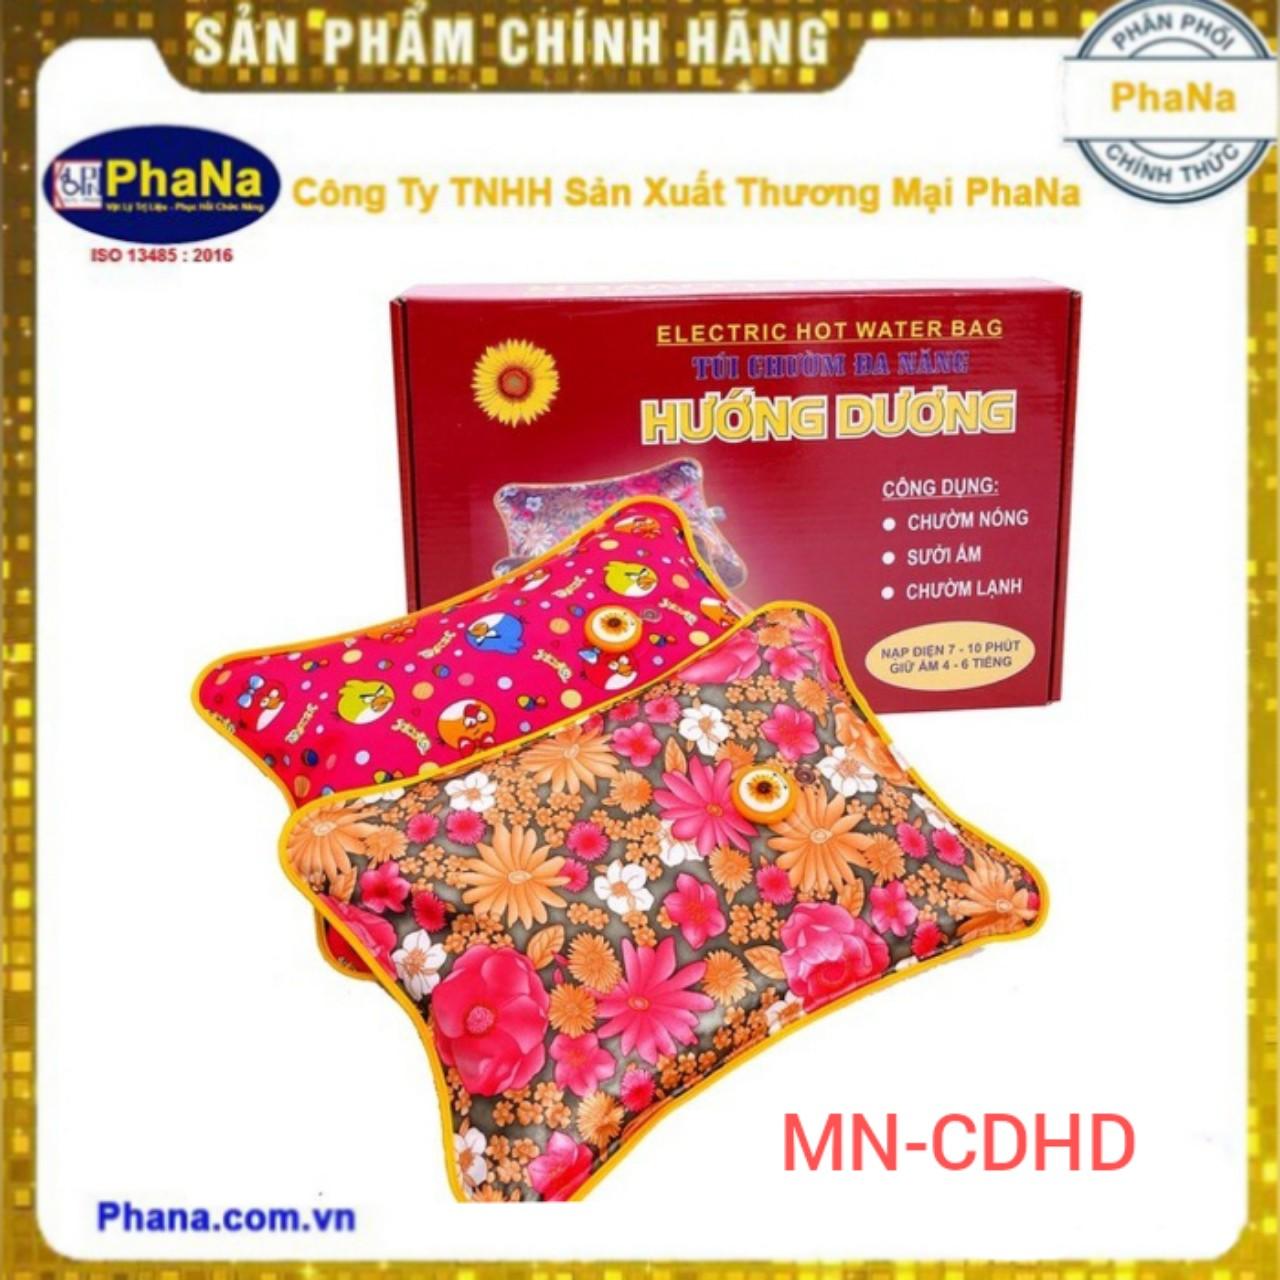 Túi chườm điện đa năng Hướng Dương - MN-CDHD